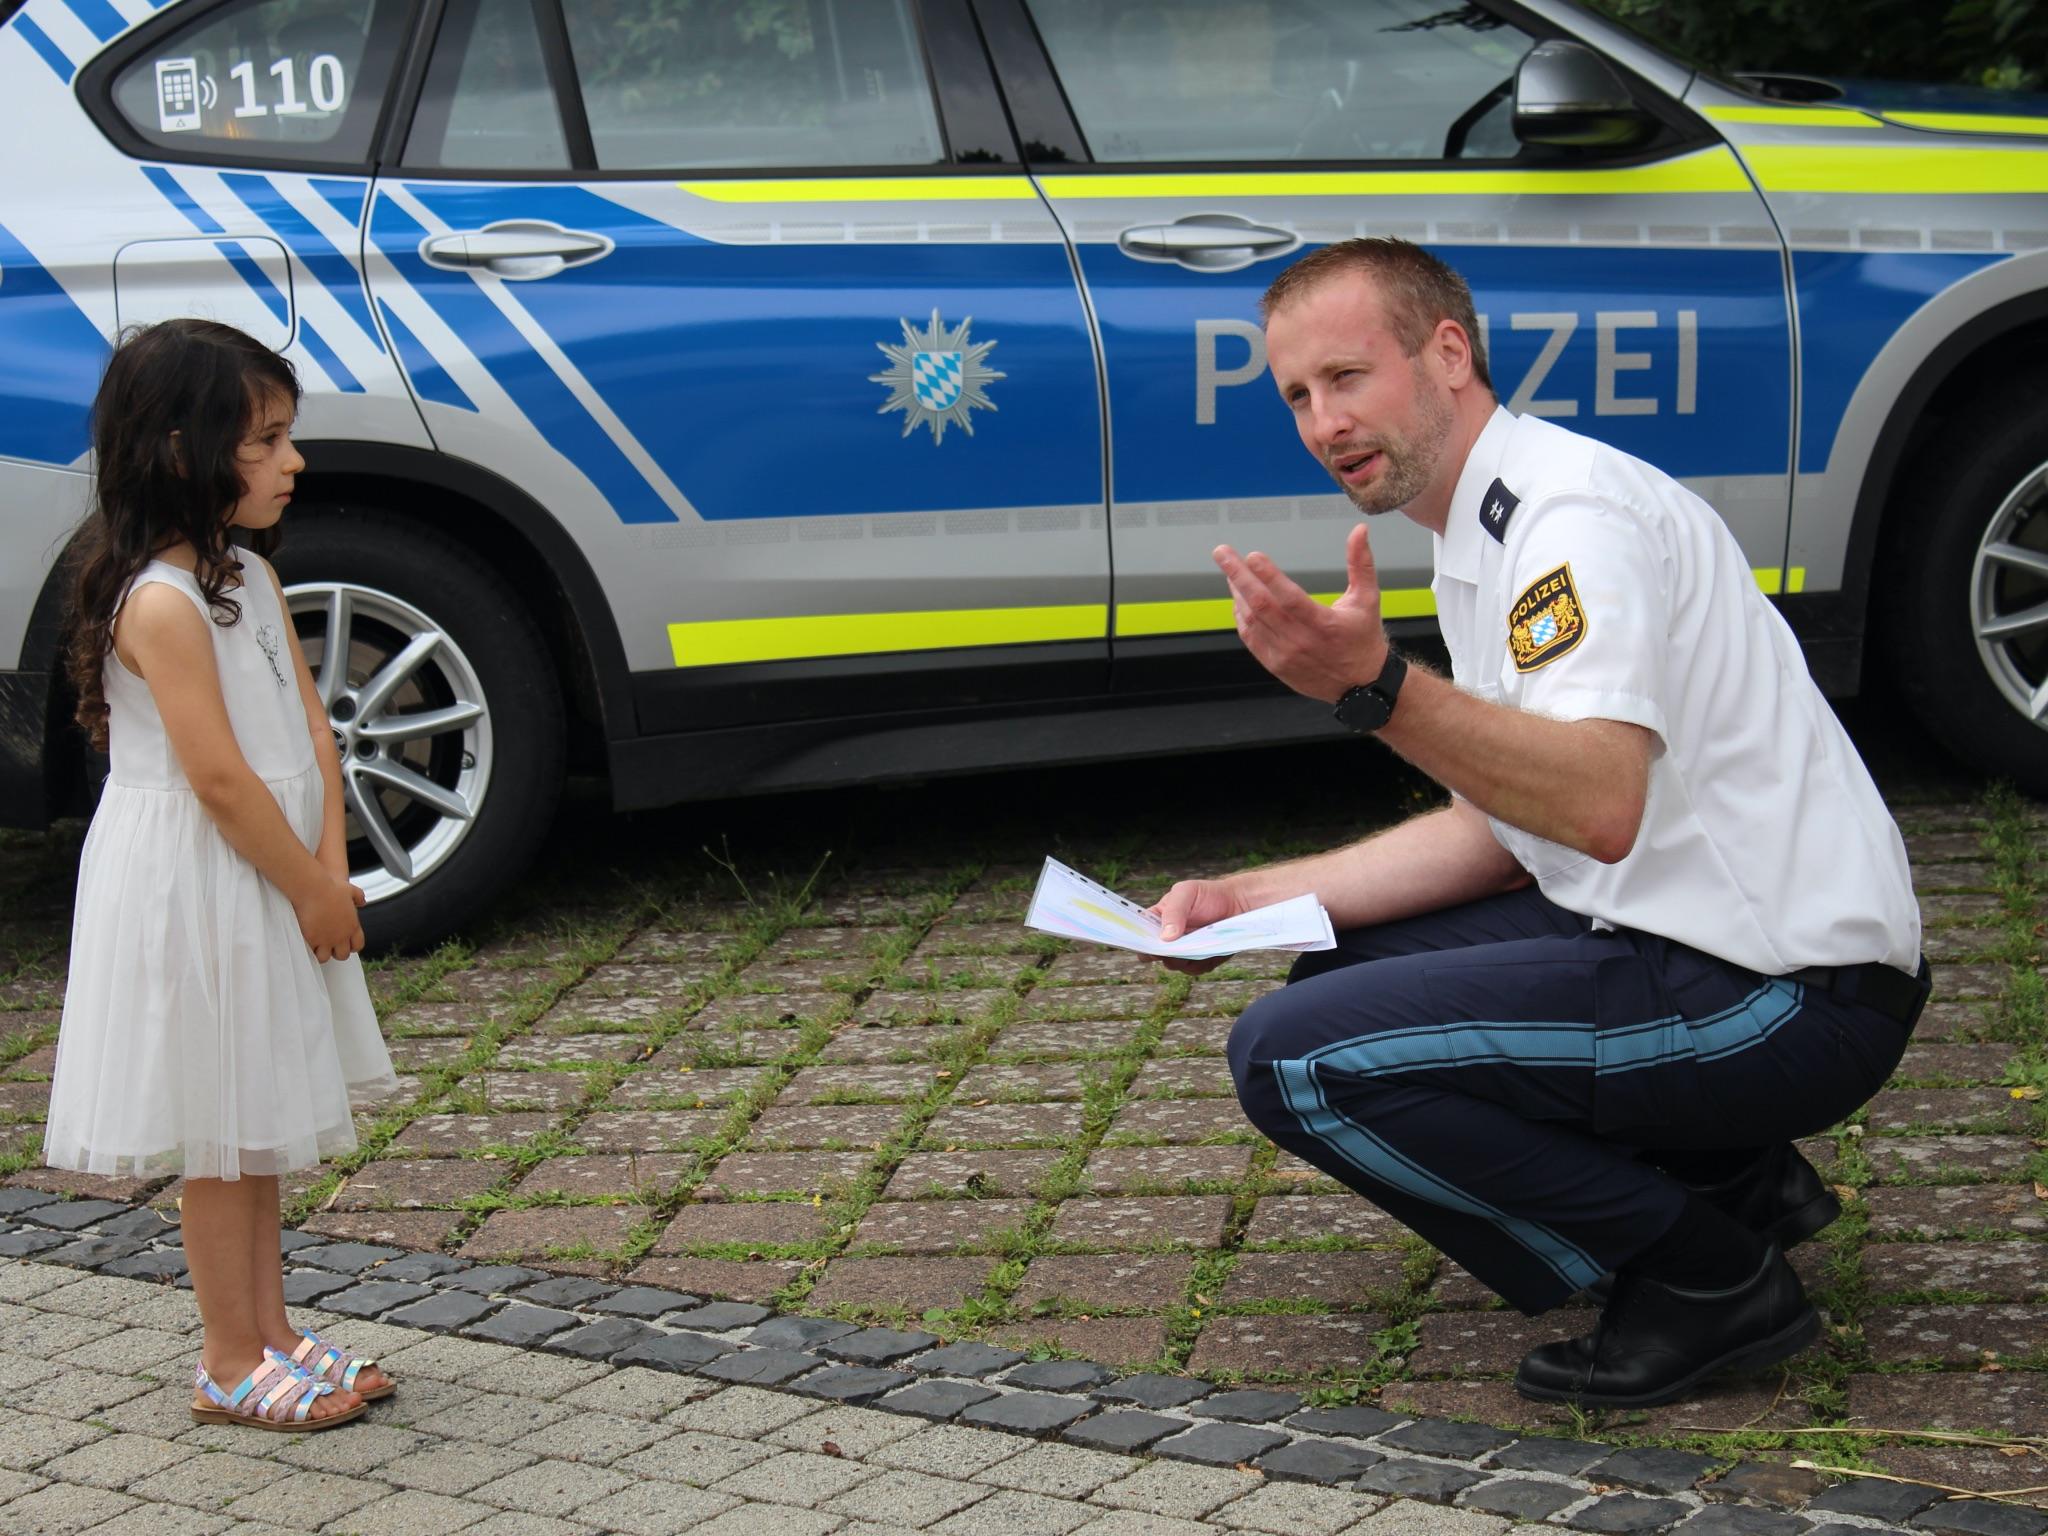 Polizeioberkommissar Aut bedankte sich bei der Dreijährigen. Foto: Polizei